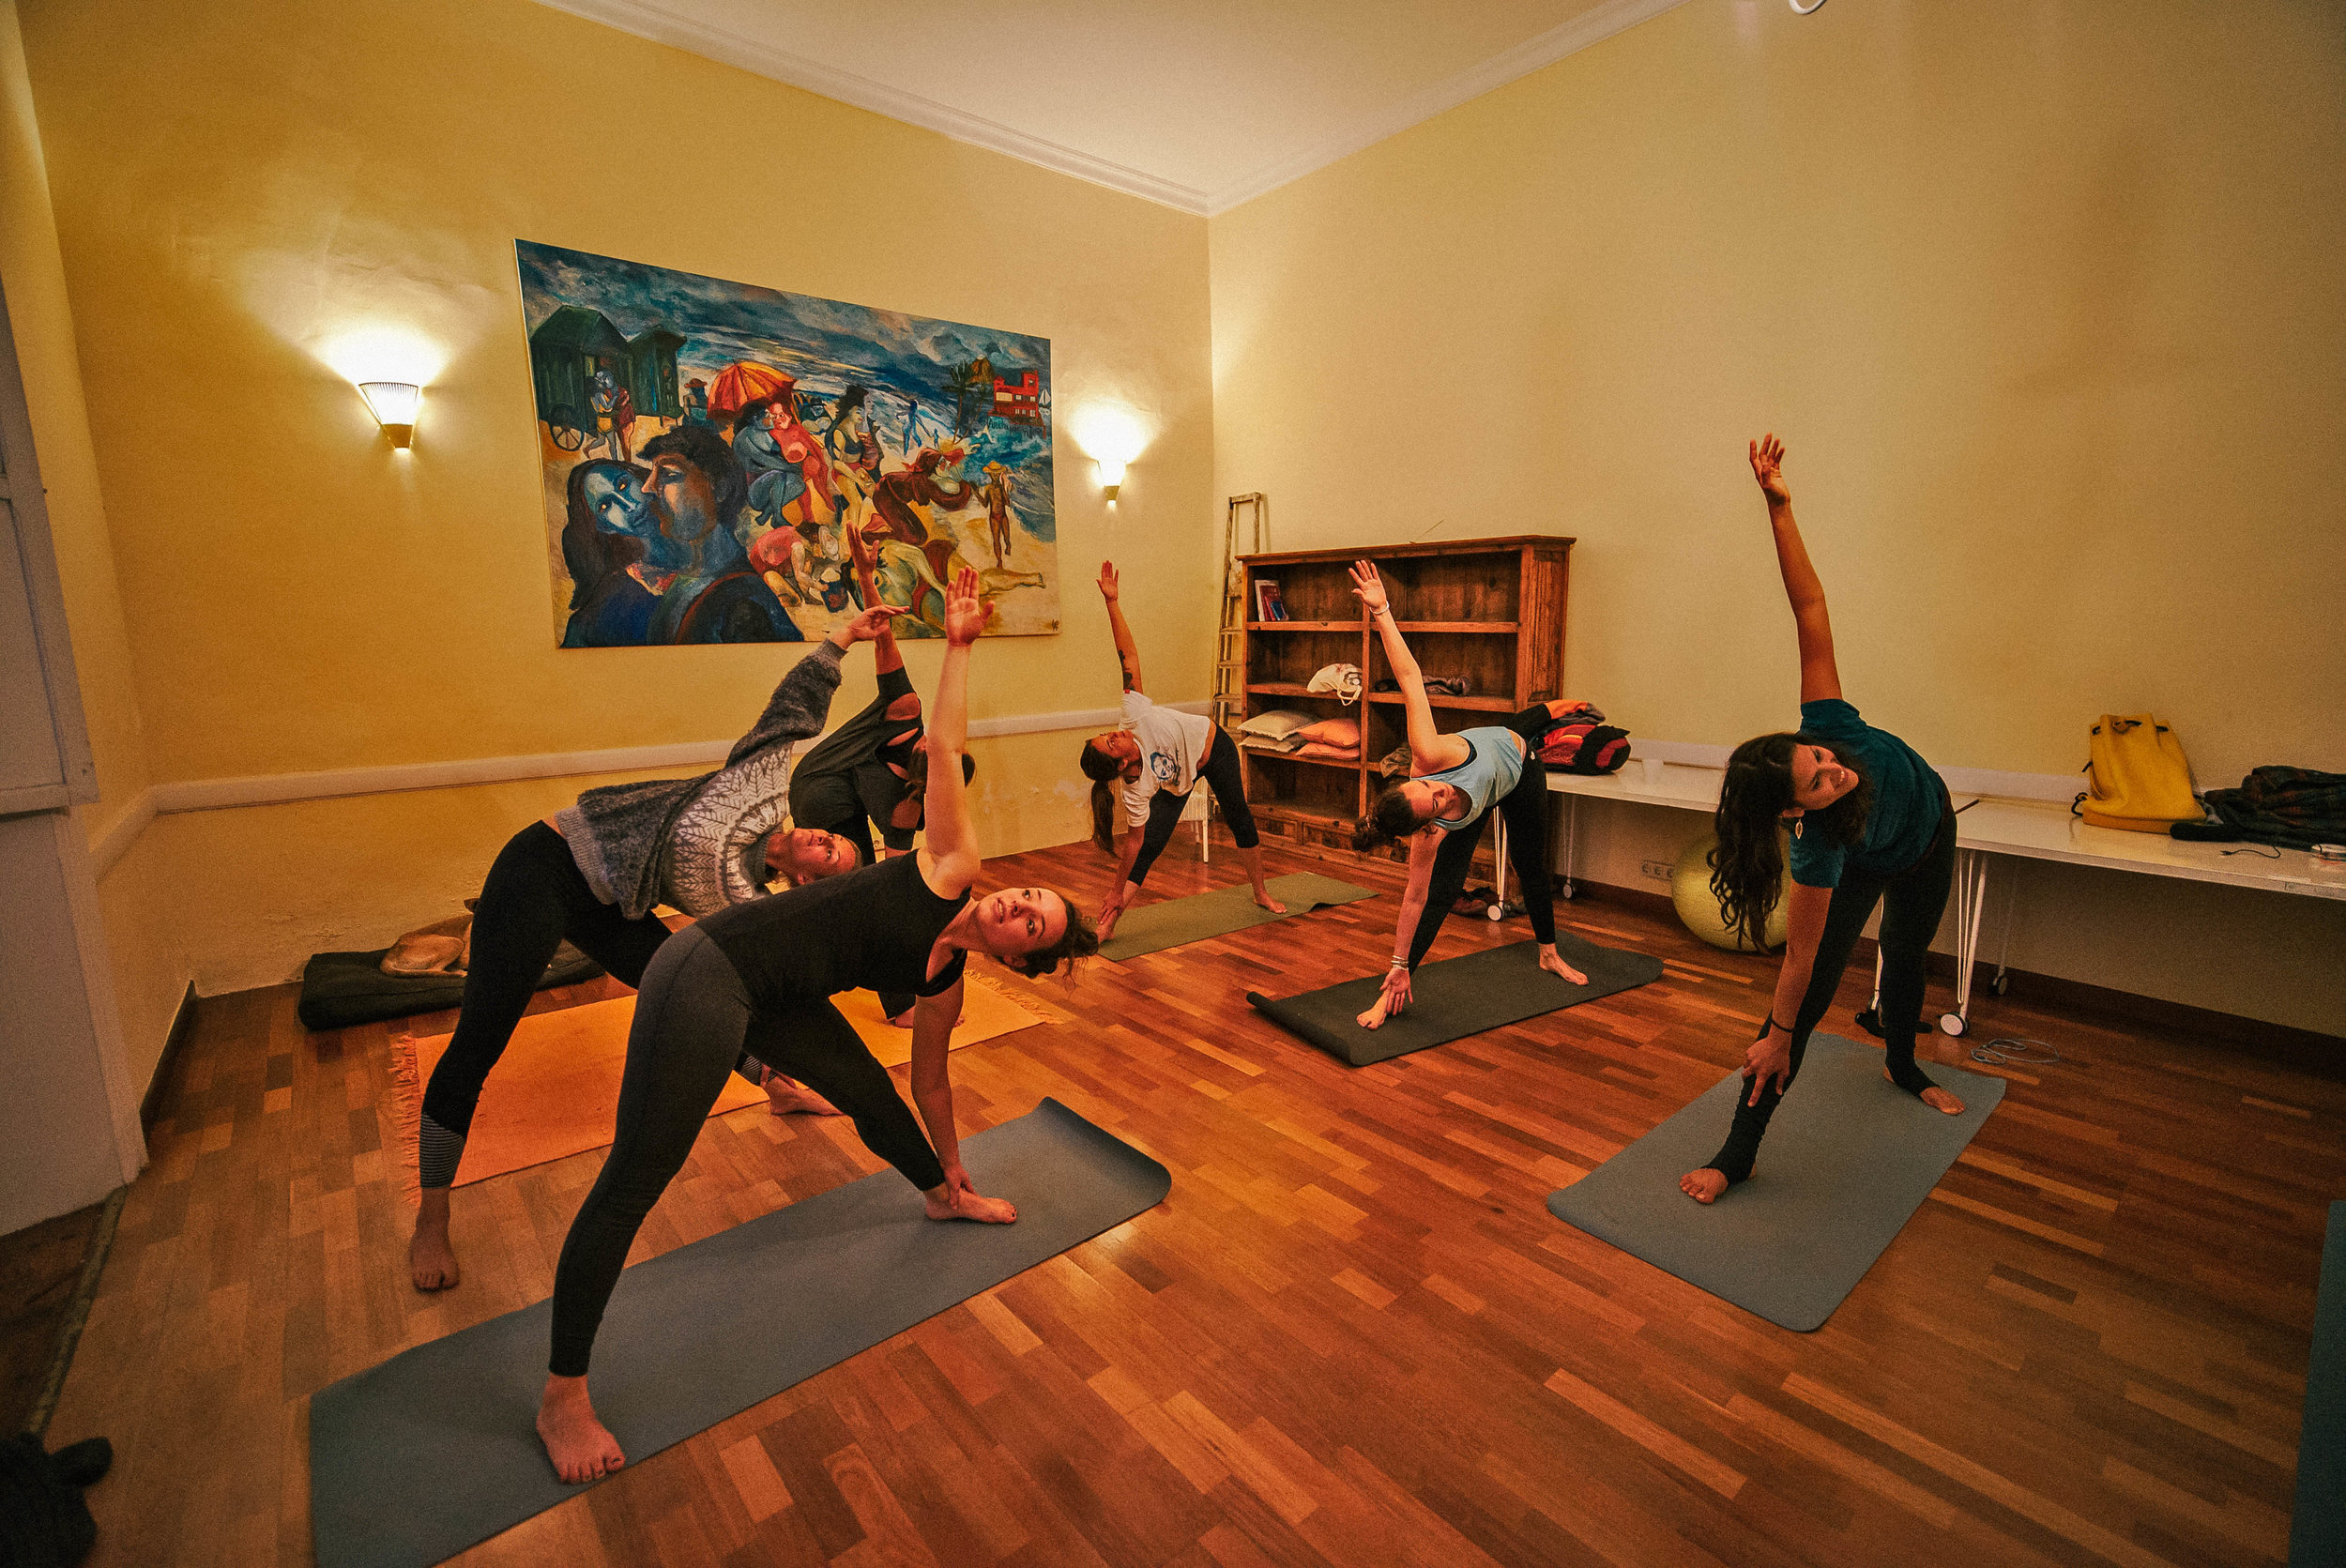 yoga-at-nine-coliving (1 of 1).jpg